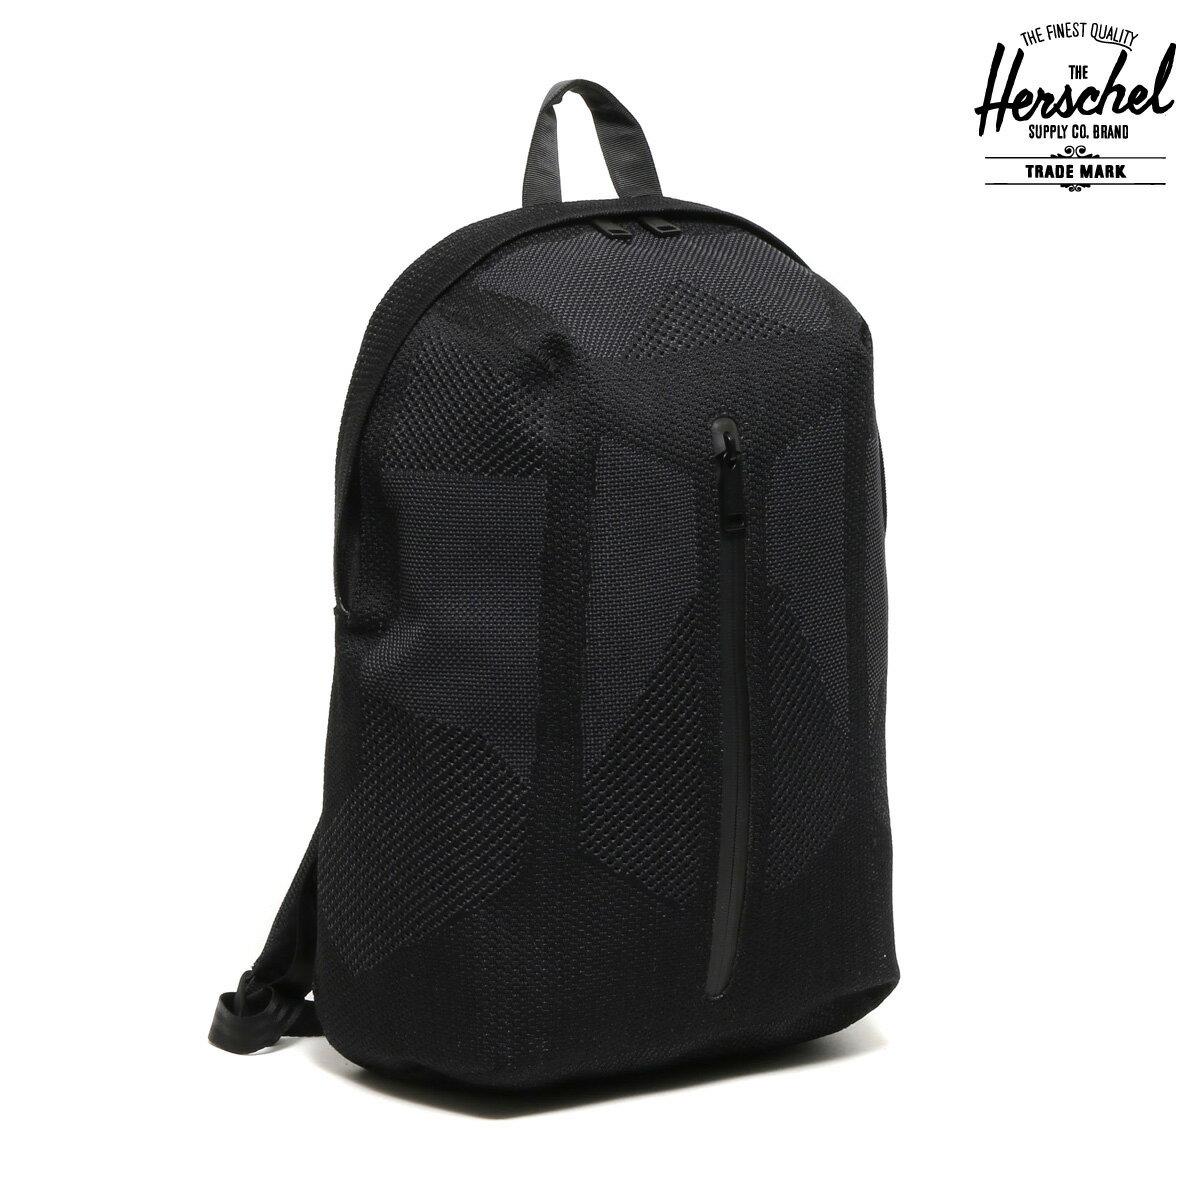 Herschel Supply Co Apex Dayton (ハーシェルサプライ エイペックス デイトン) Black/Castlerock【バックパック】17SP-I